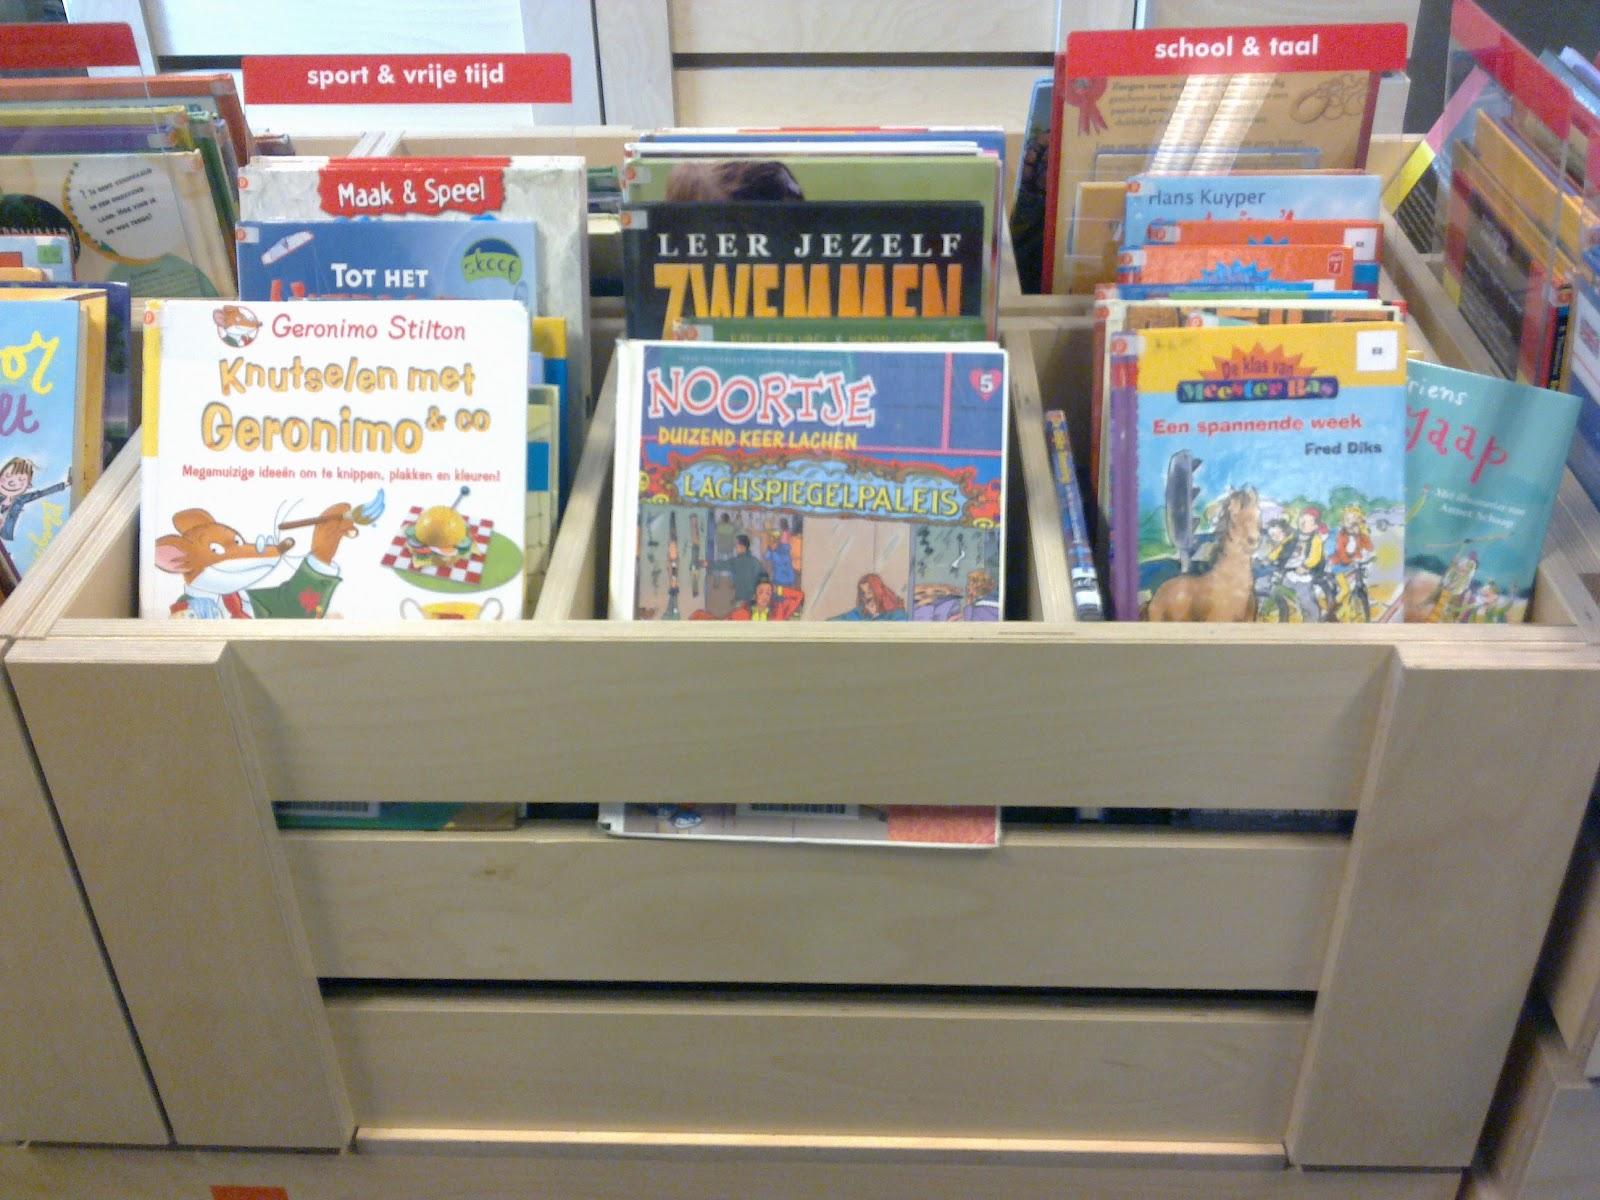 in de centrale bibliotheek hebben we vorig jaar samen met kinderen een nieuwe jeugdbieb gebouwd babel daarvoor zijn kasten ontwikkeld in de vorm van